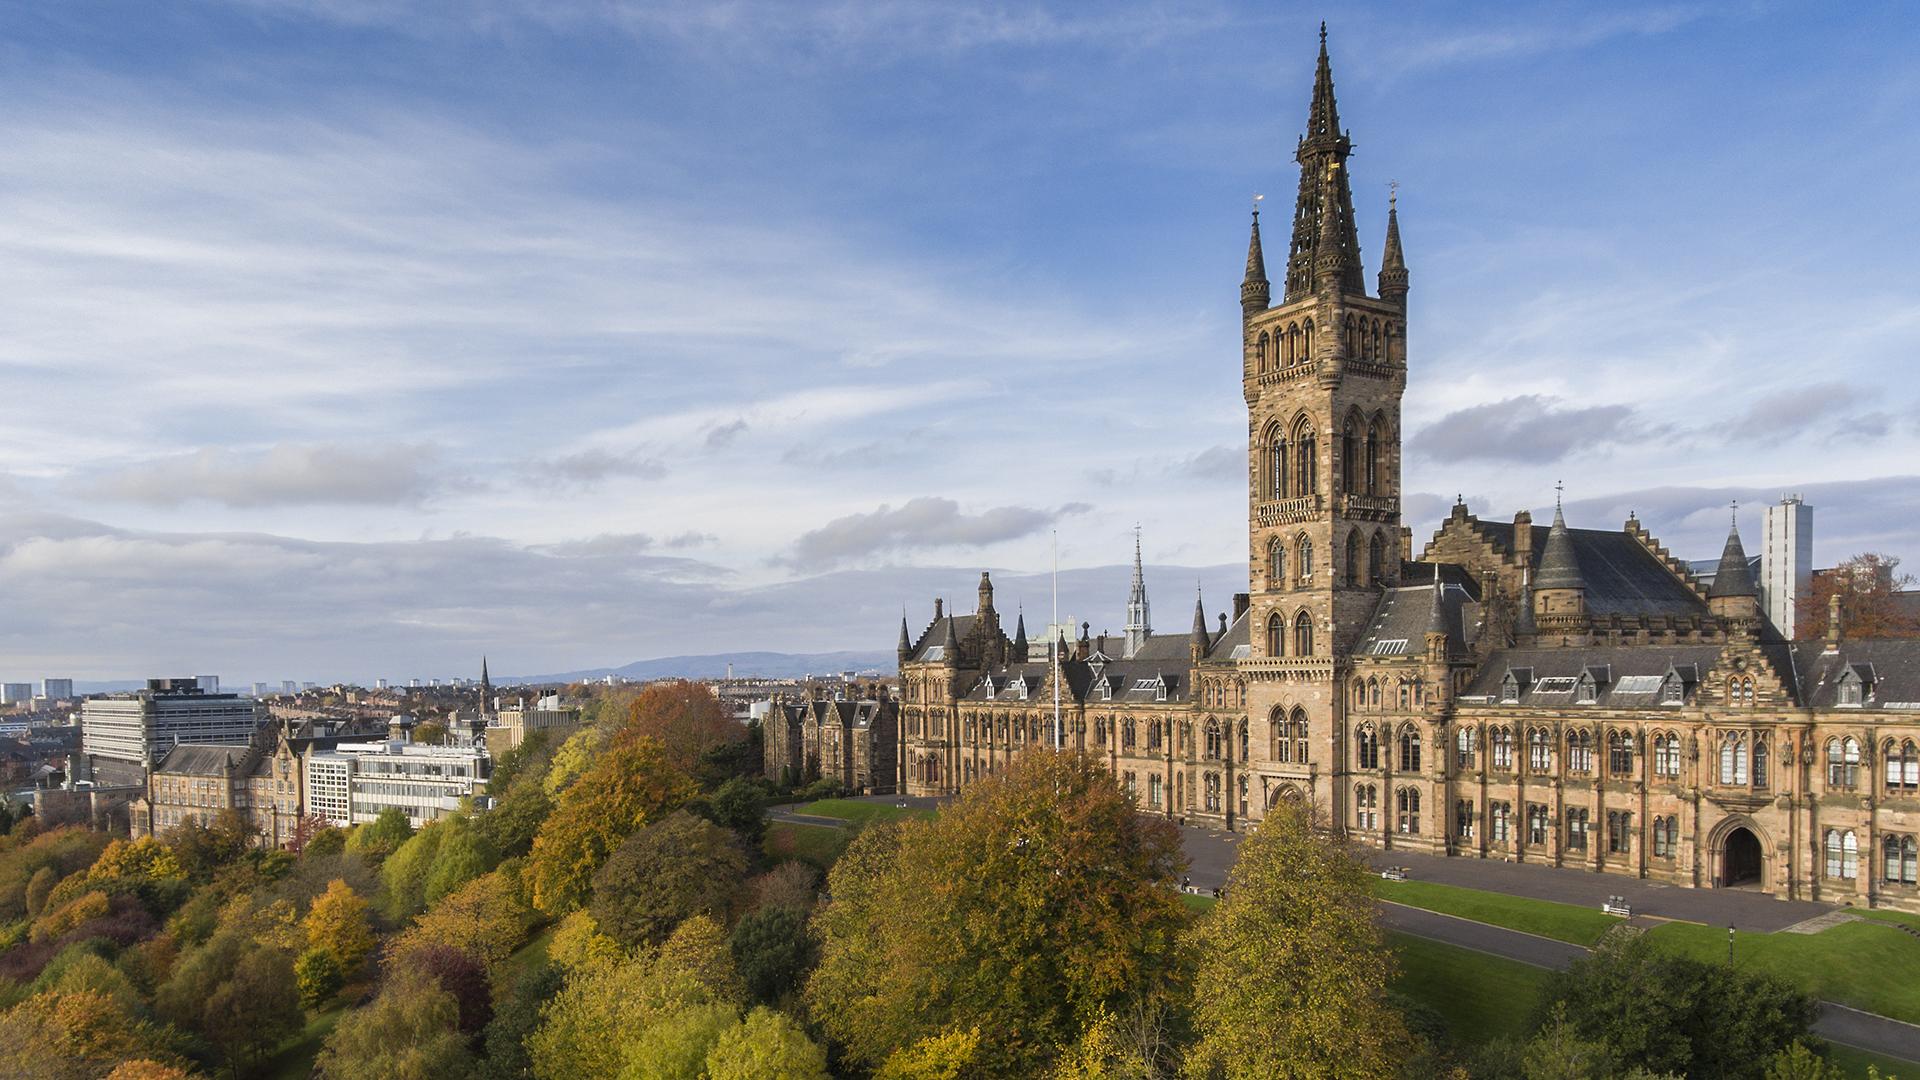 Glasgow-University-Gilbert-Scott-tower.jpg